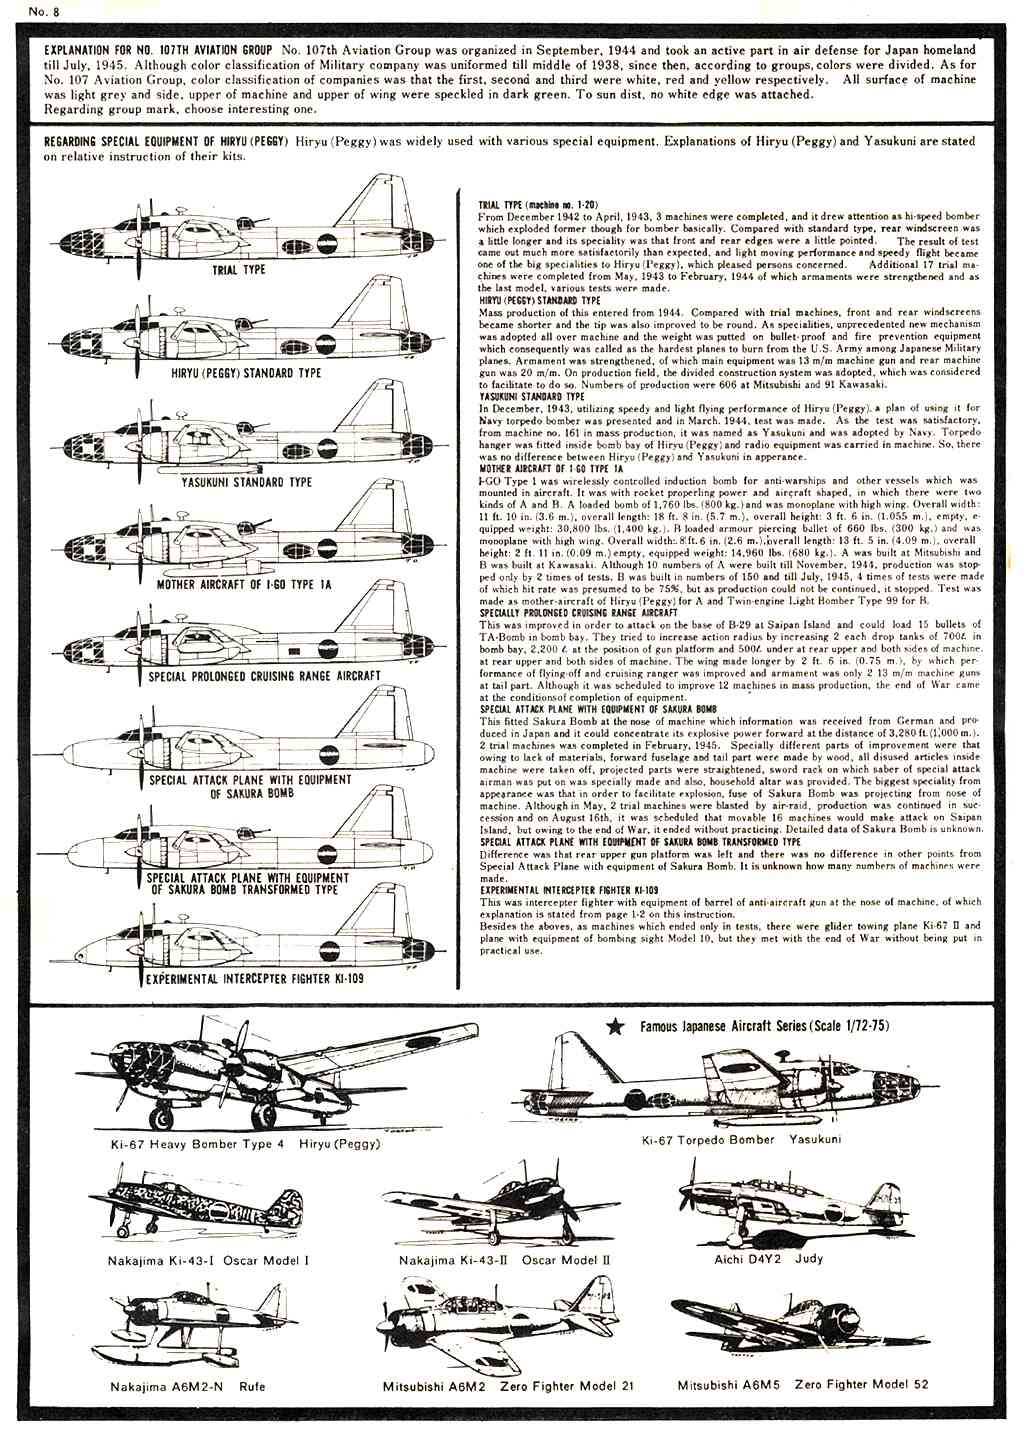 Ouvre-boîte Mitsubishi Ki-109 (version canon de 75mm) [LS 1/72] Ki109_25